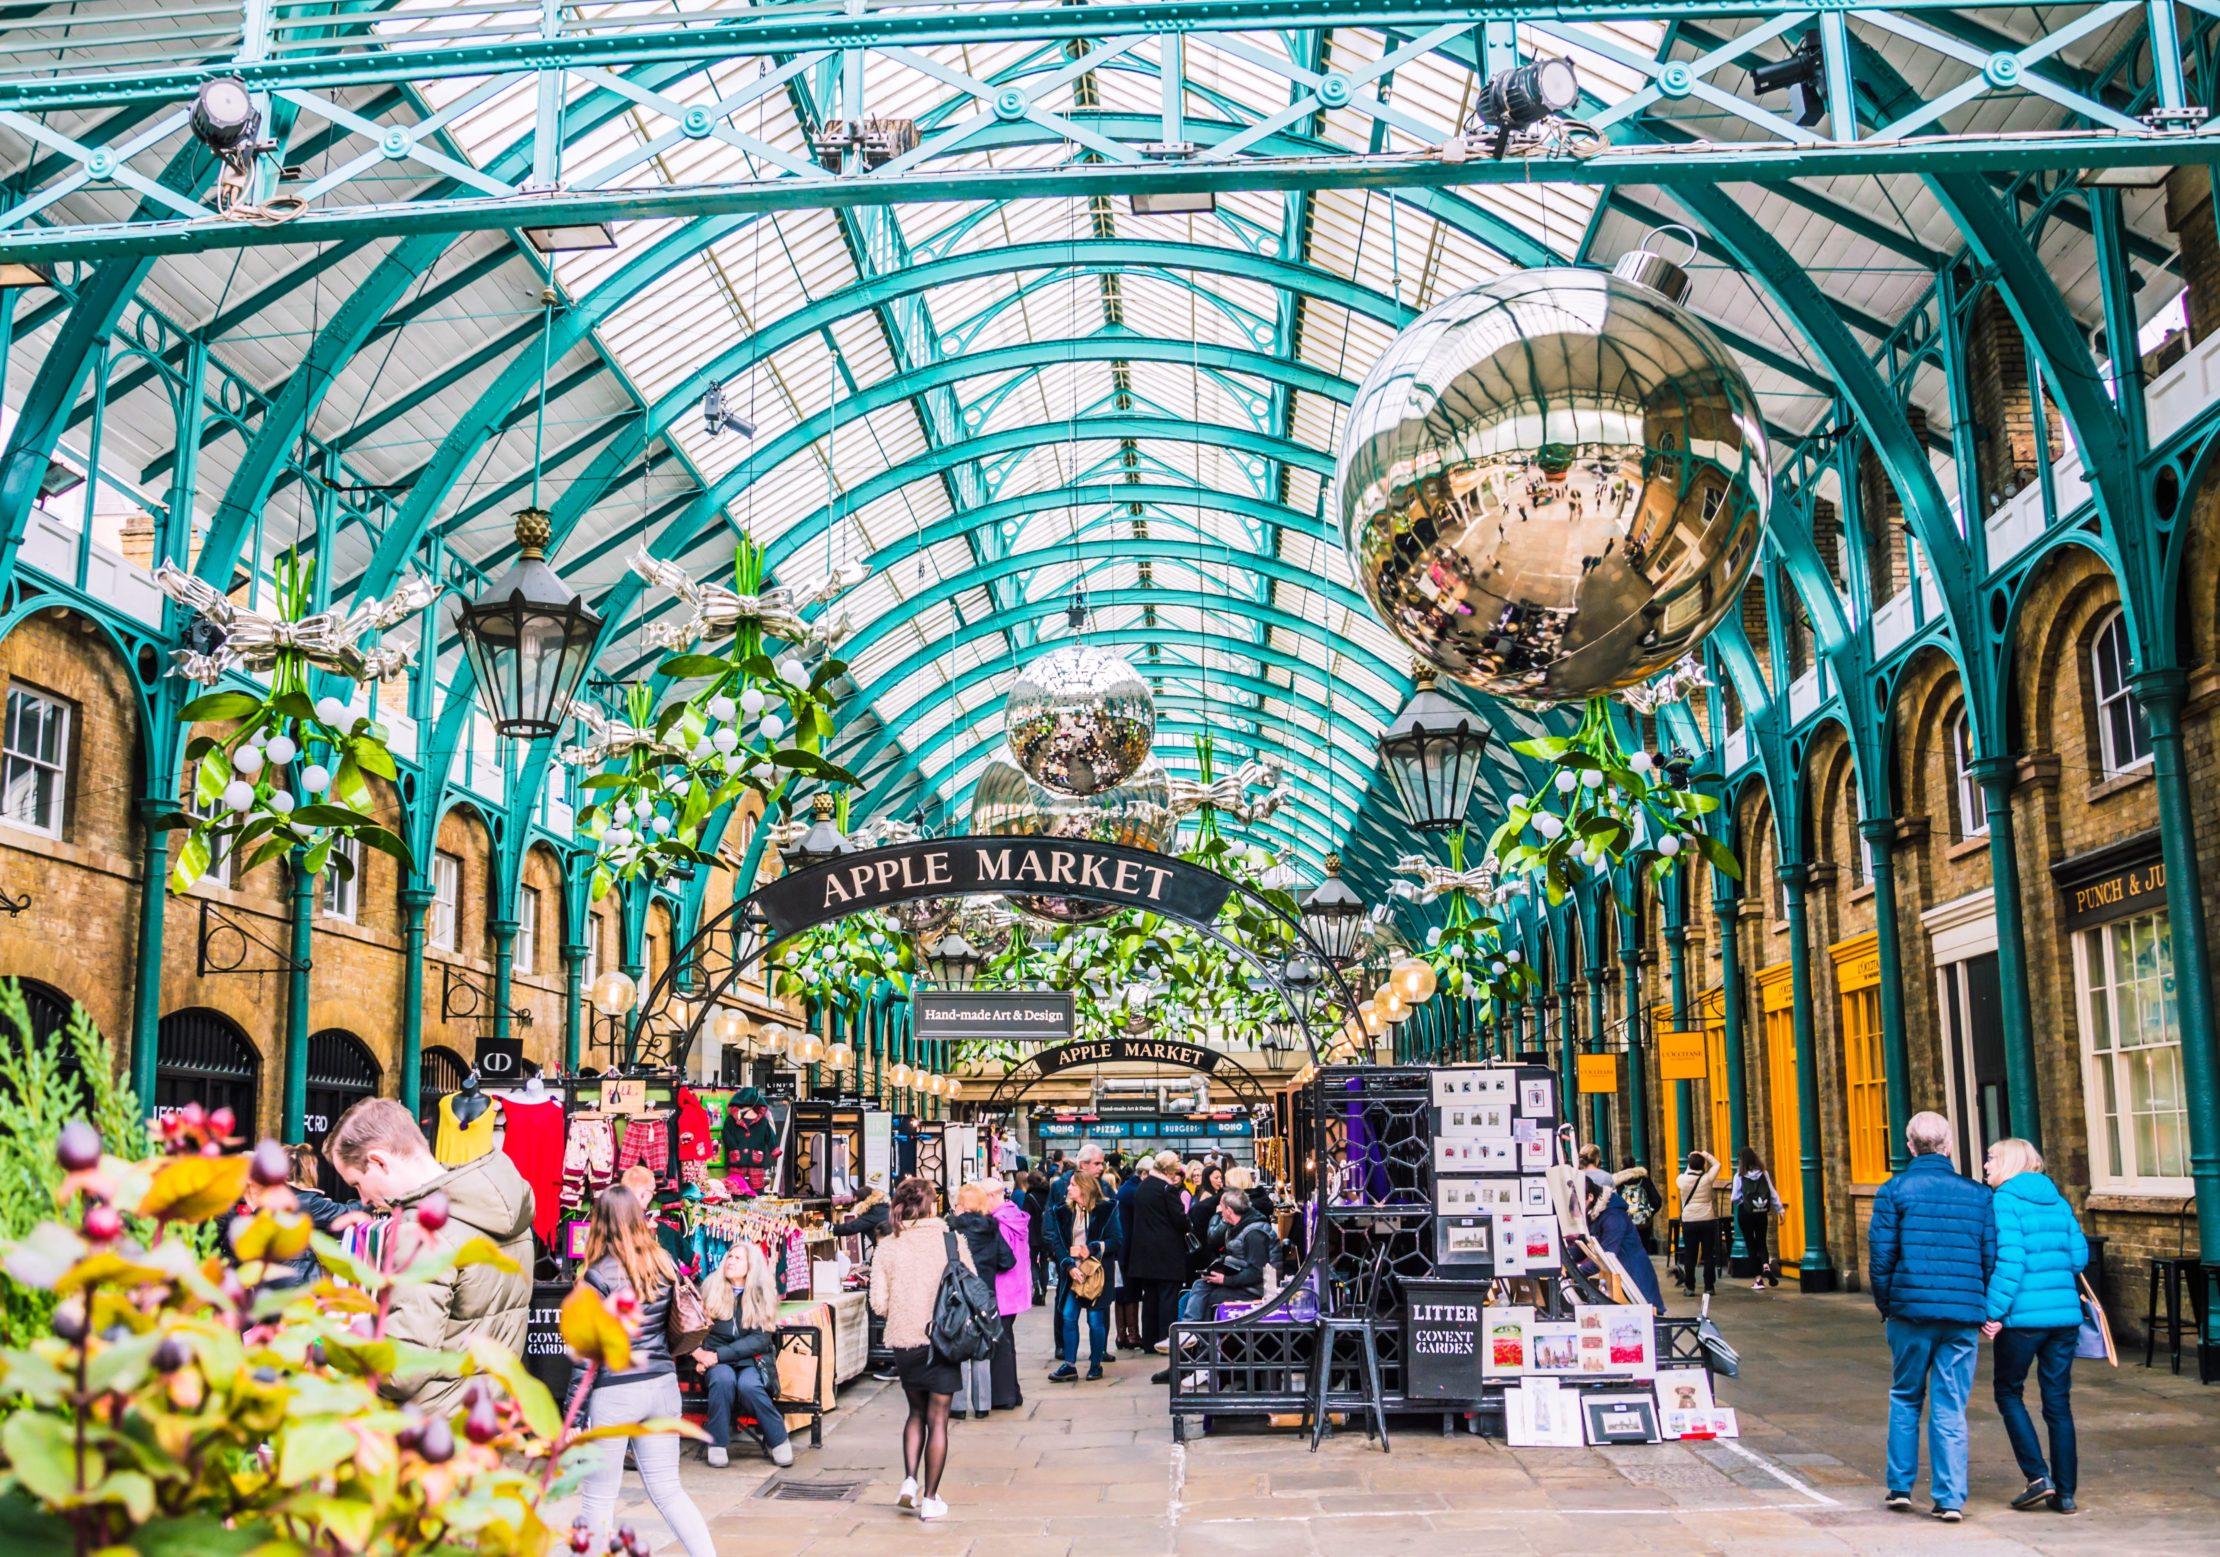 Qué Comprar en Londres, Souvenirs, Regalos Típicos y Baratos - Covent Garden, Londres